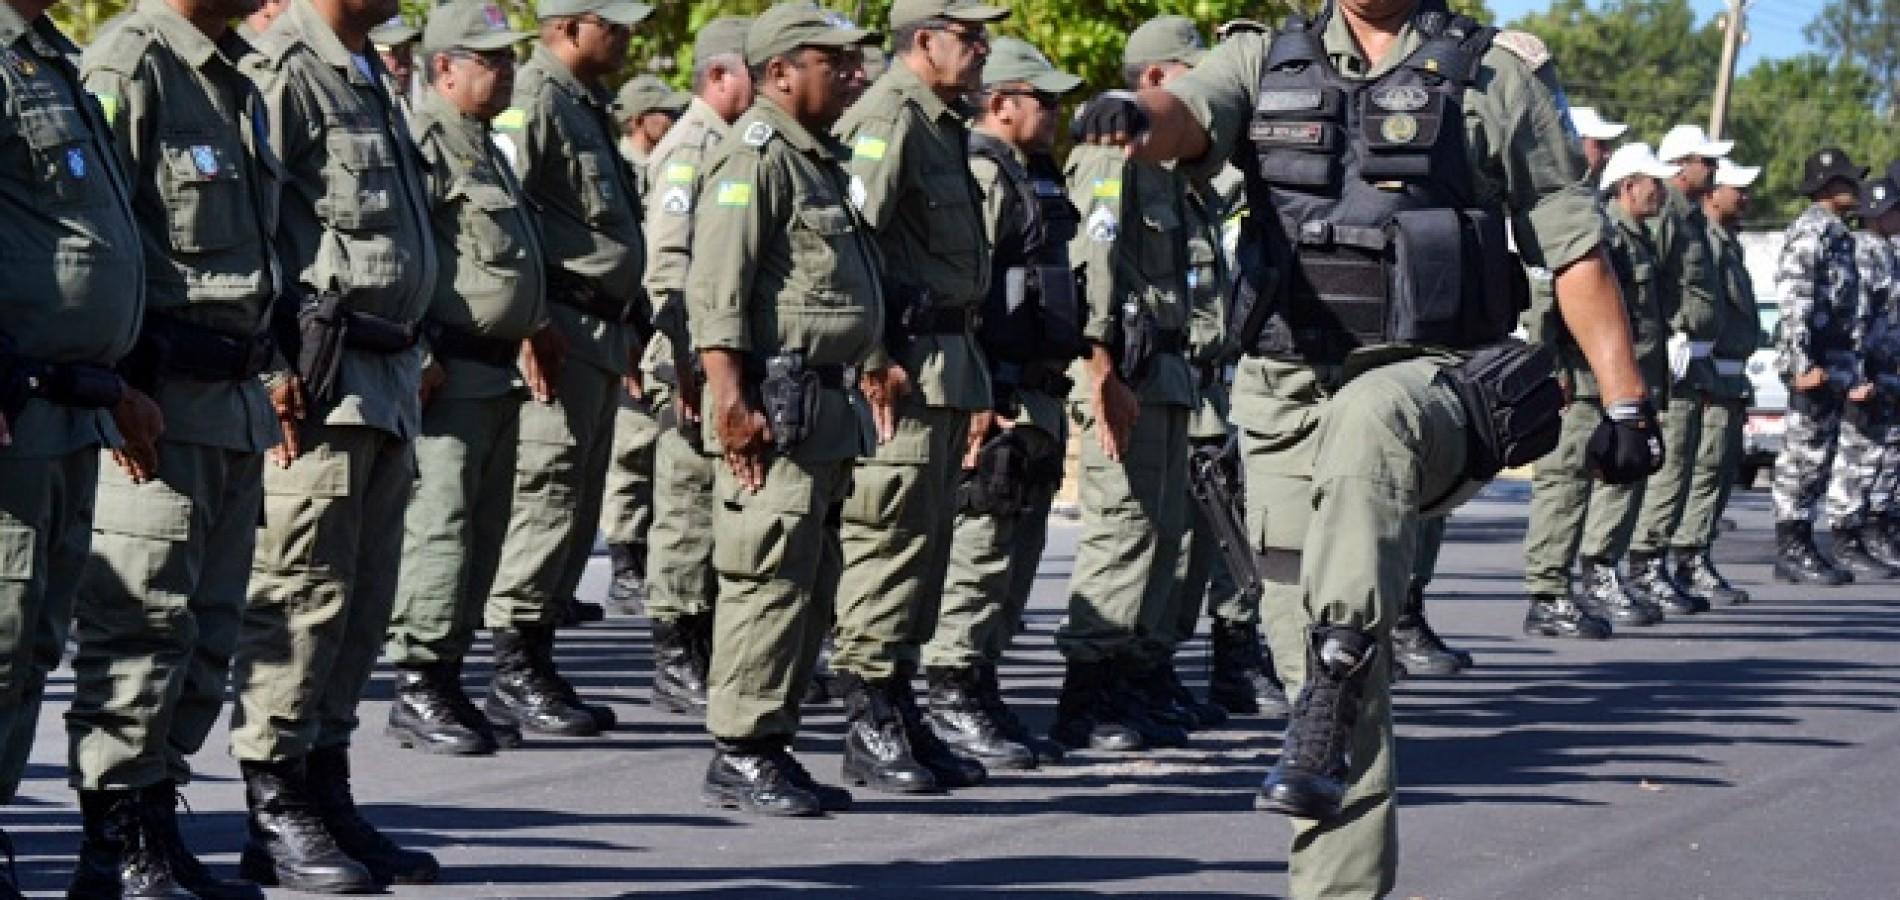 Com plano emergencial, Piauí terá 400 novos policiais